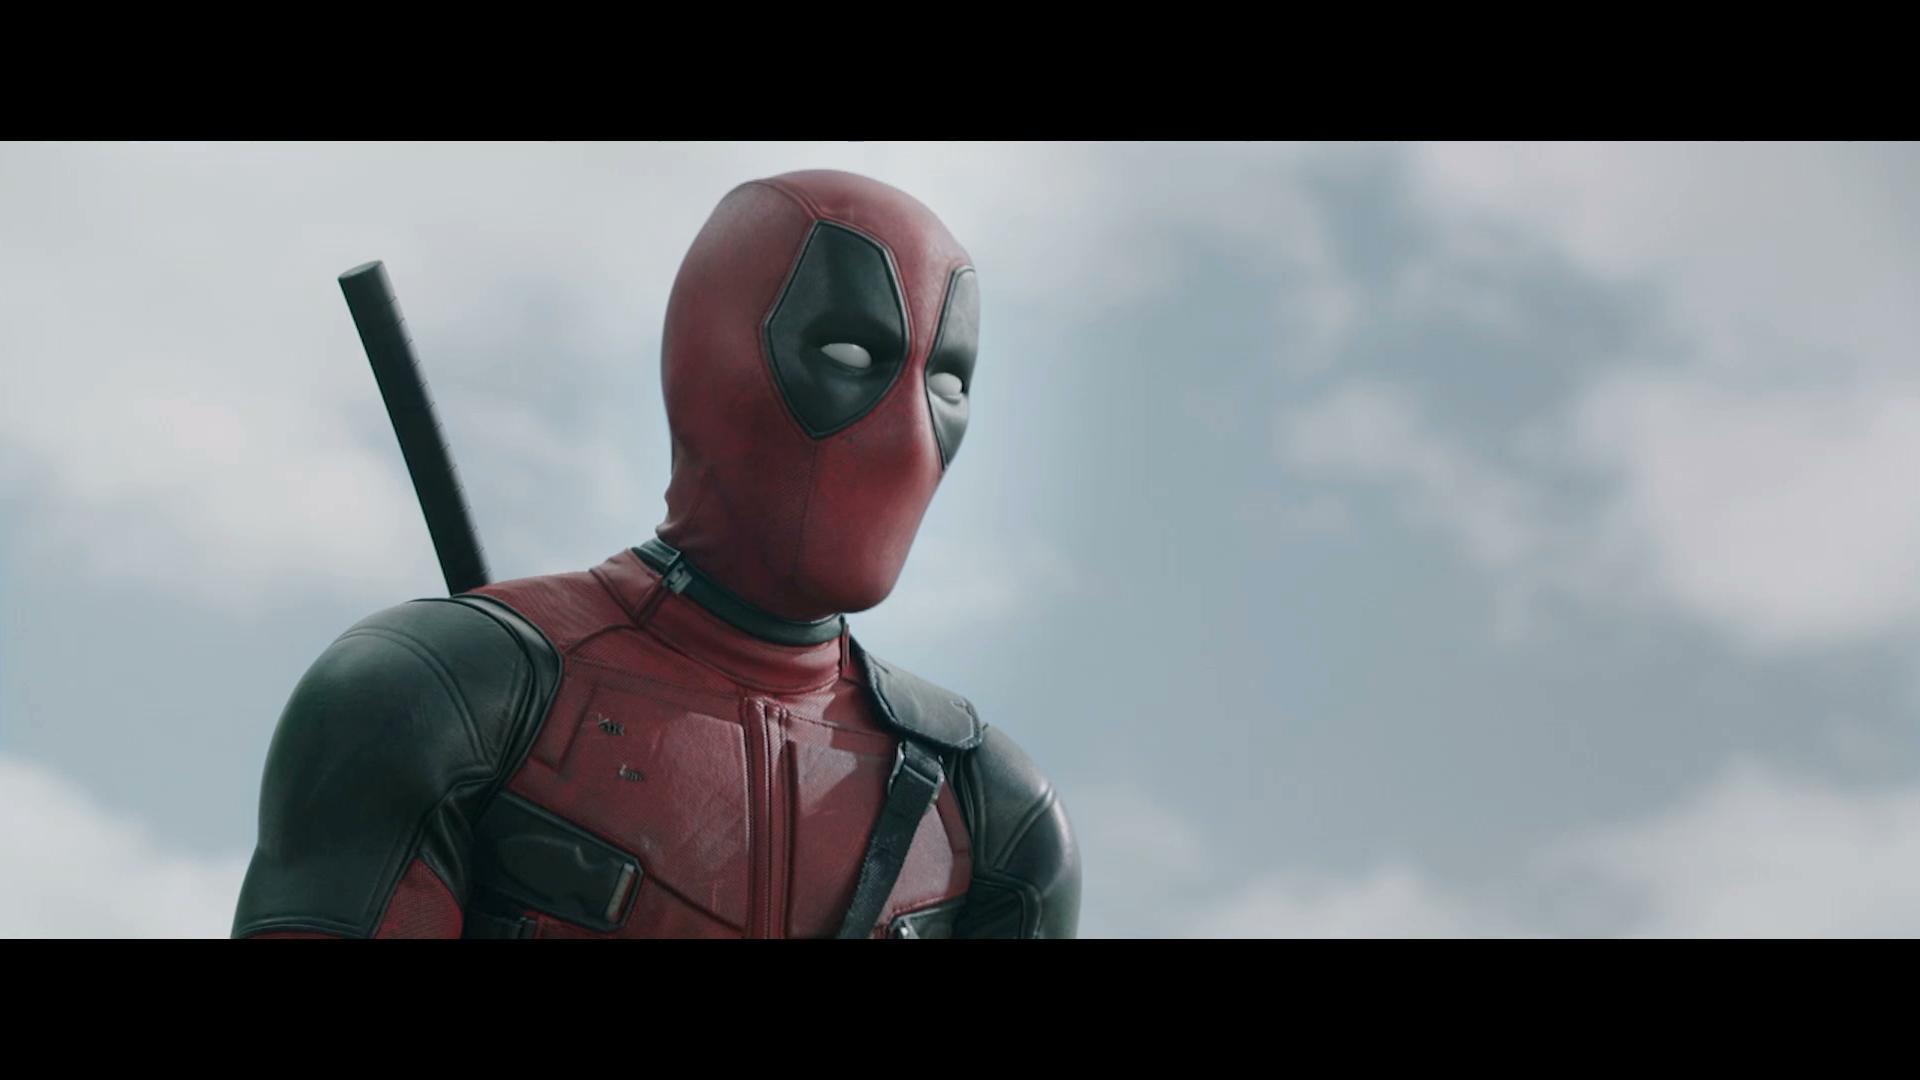 Ver Deadpool (2016) Online Película Completa Latino Español en HD